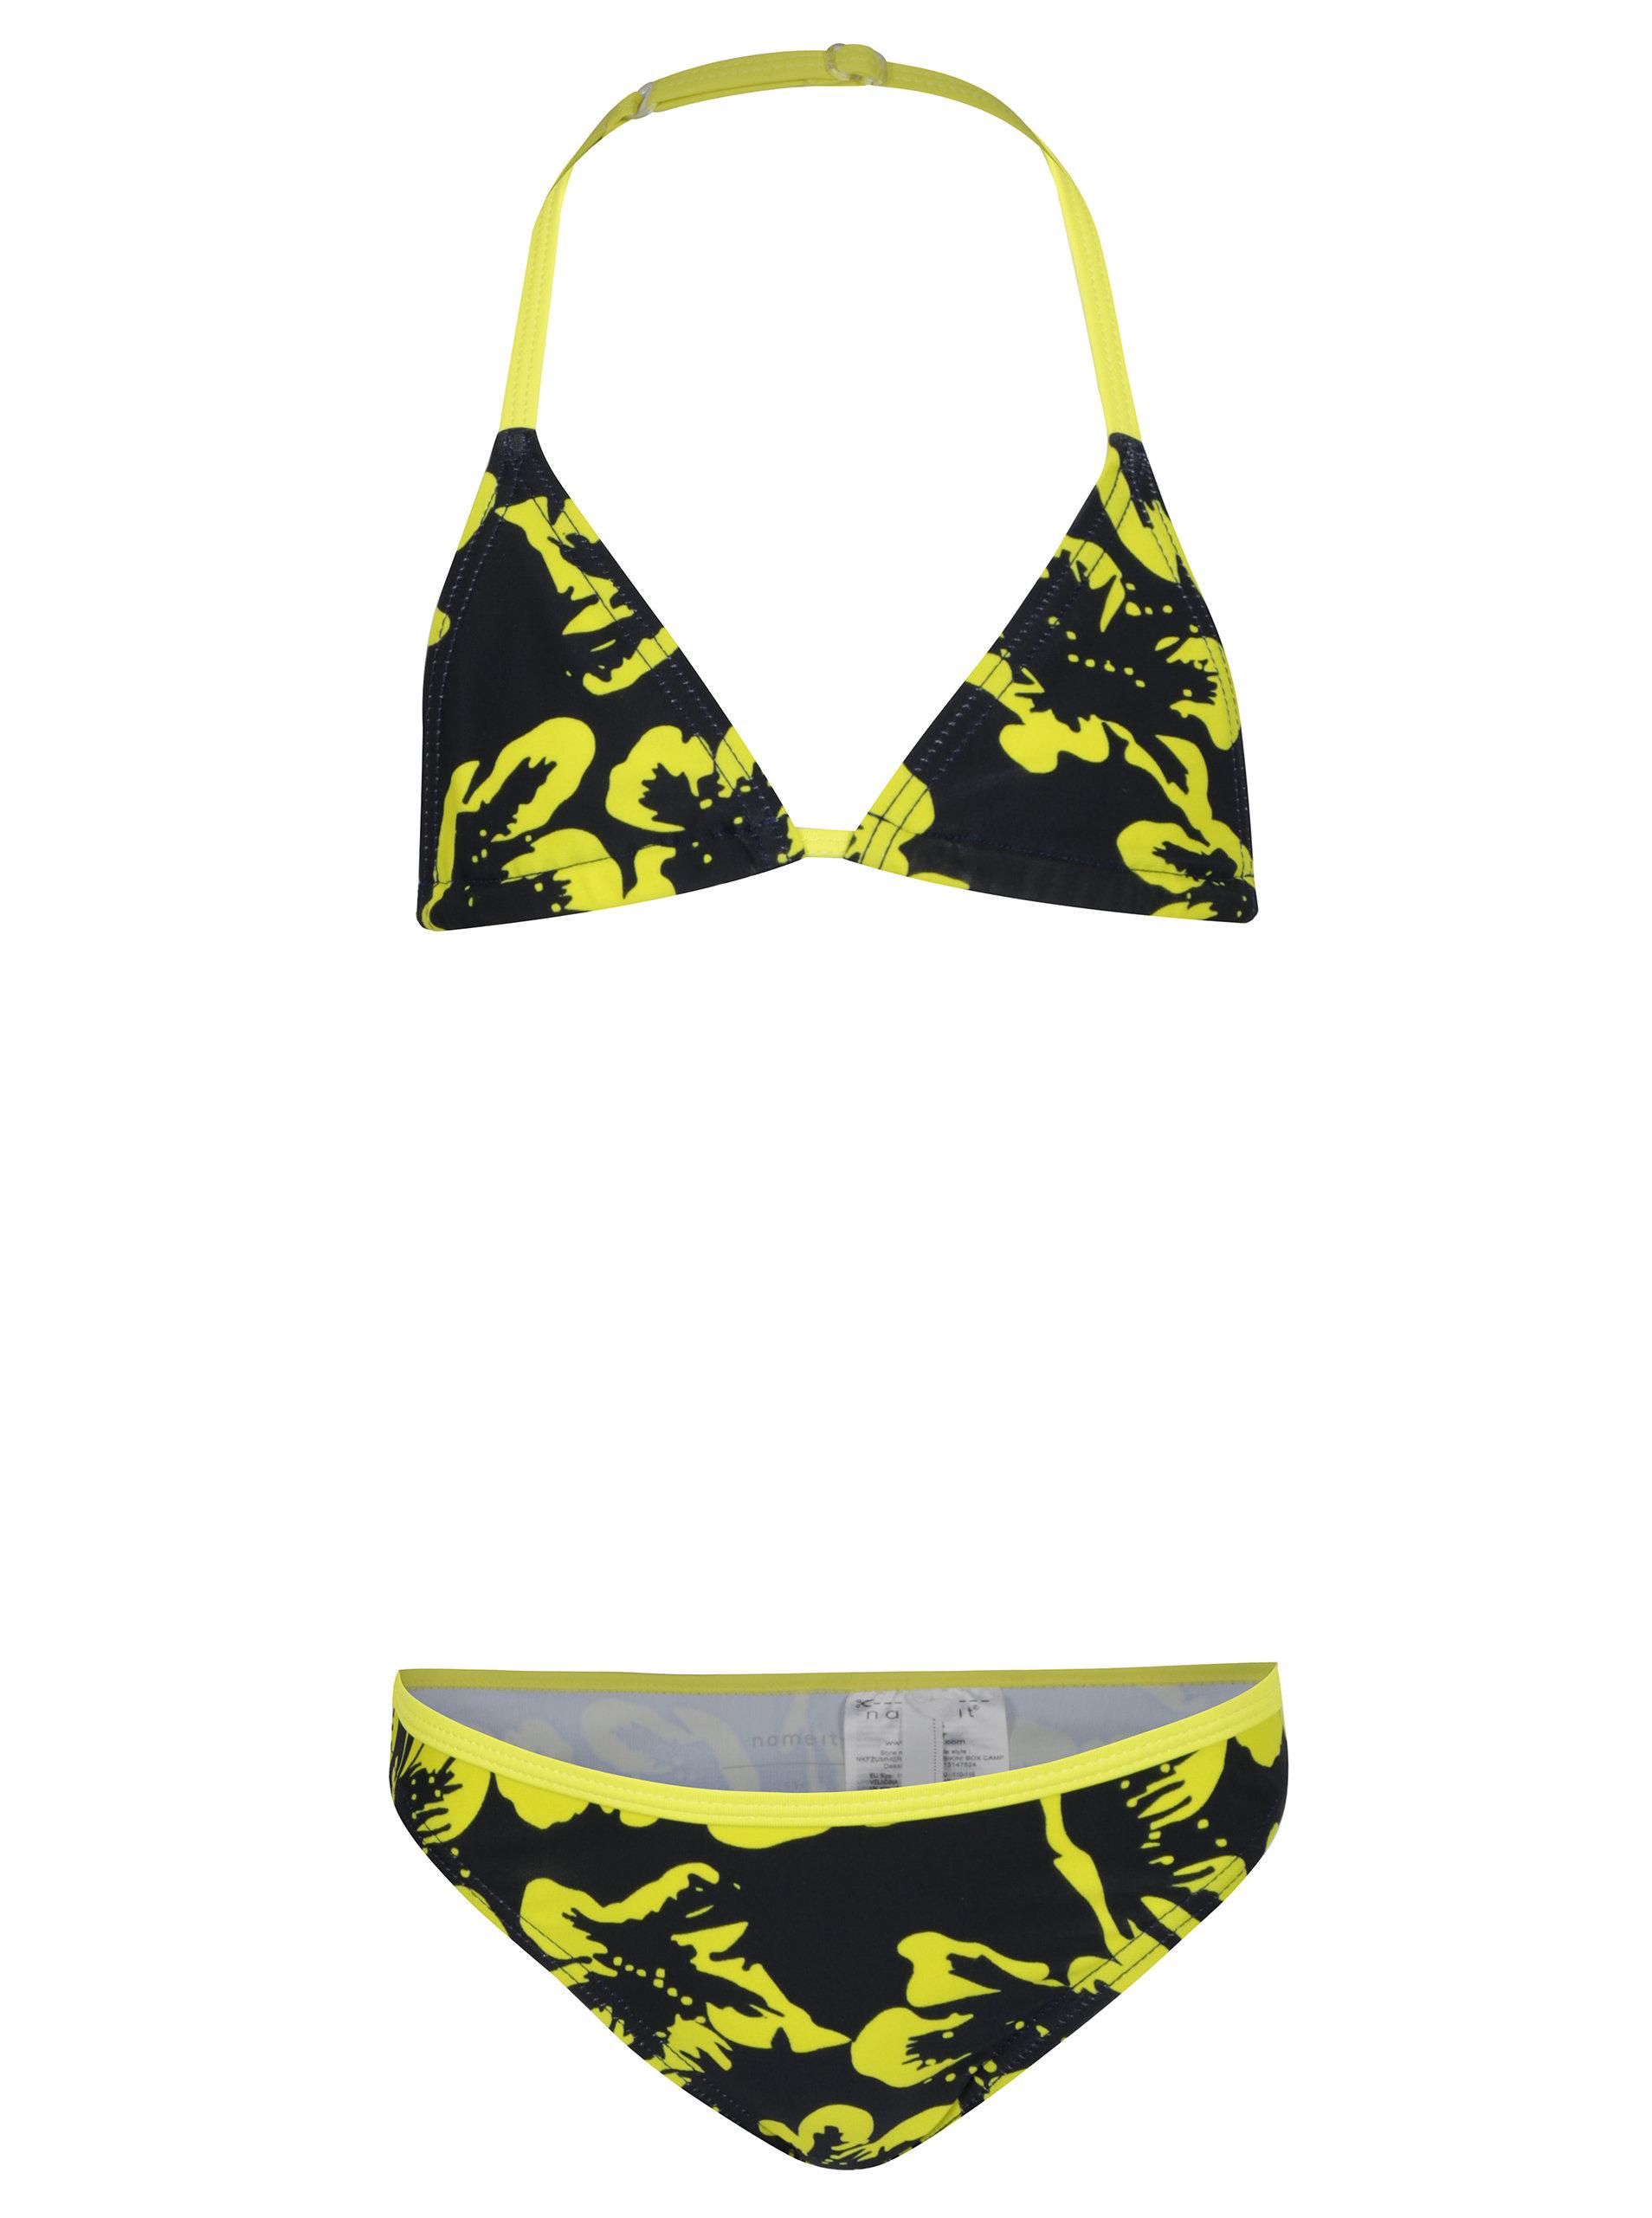 Žluto-černé holčičí květované bikiny name it Zummer ... 79773af33a